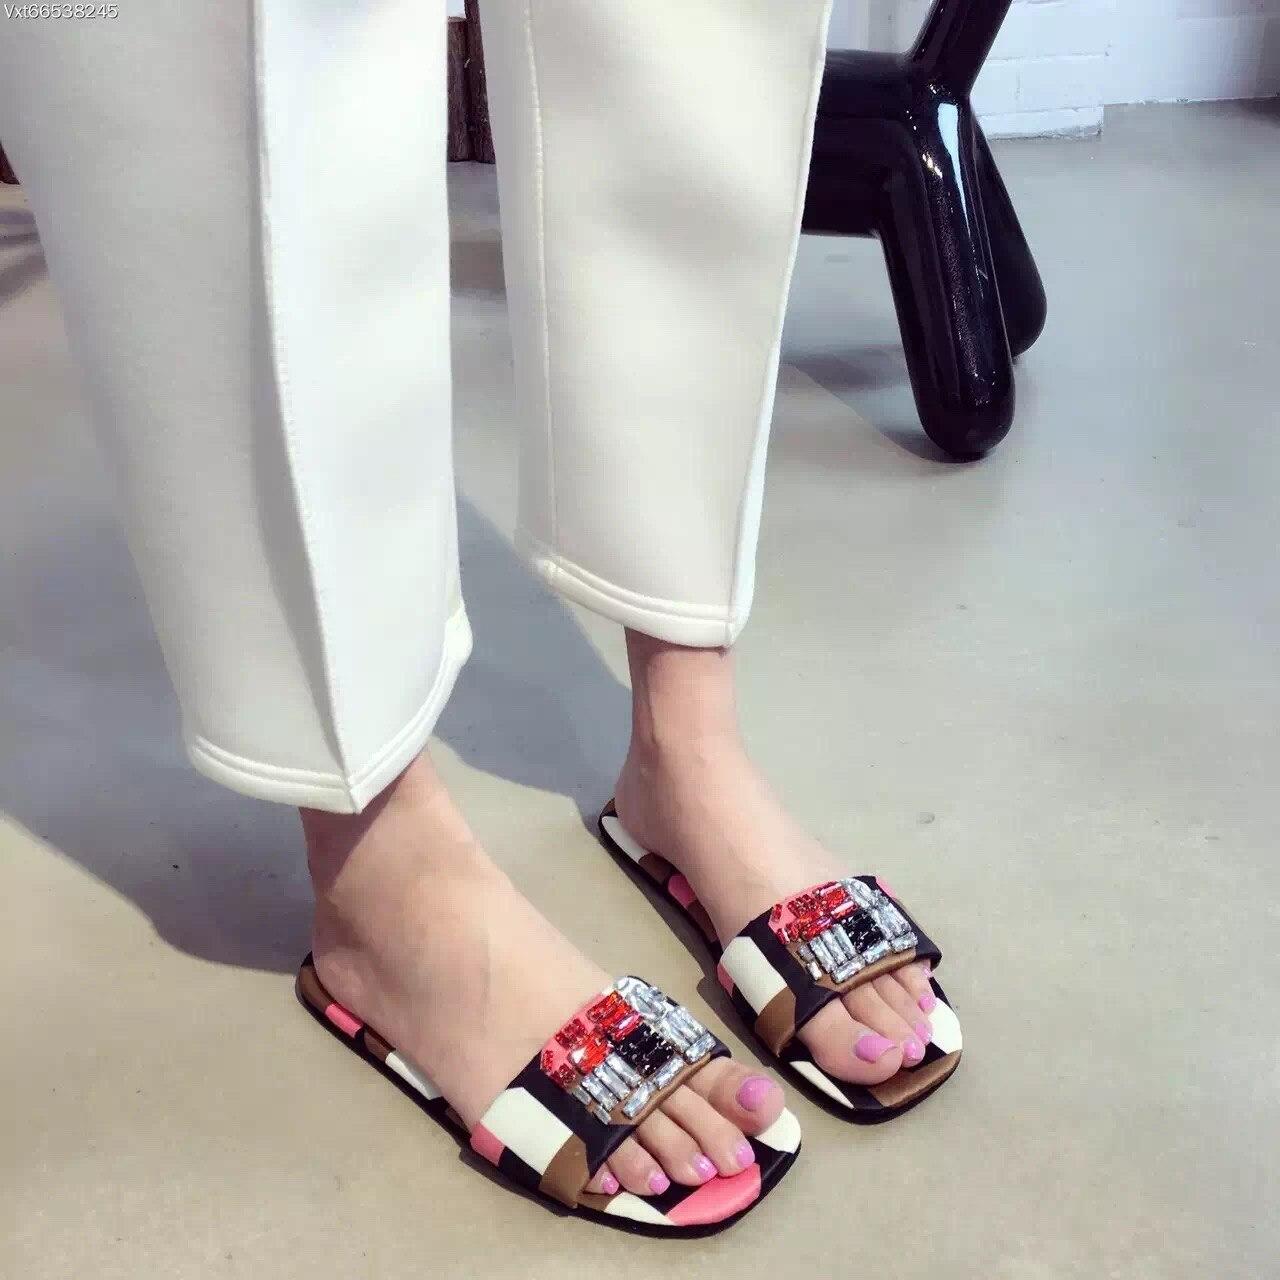 Pantofla të sheshta mëndafshi të sheshtë verë këpucë të sheshta Dizajn luksoz Cristal Sandals Bling pantofla sandale pantallona të gjera femme